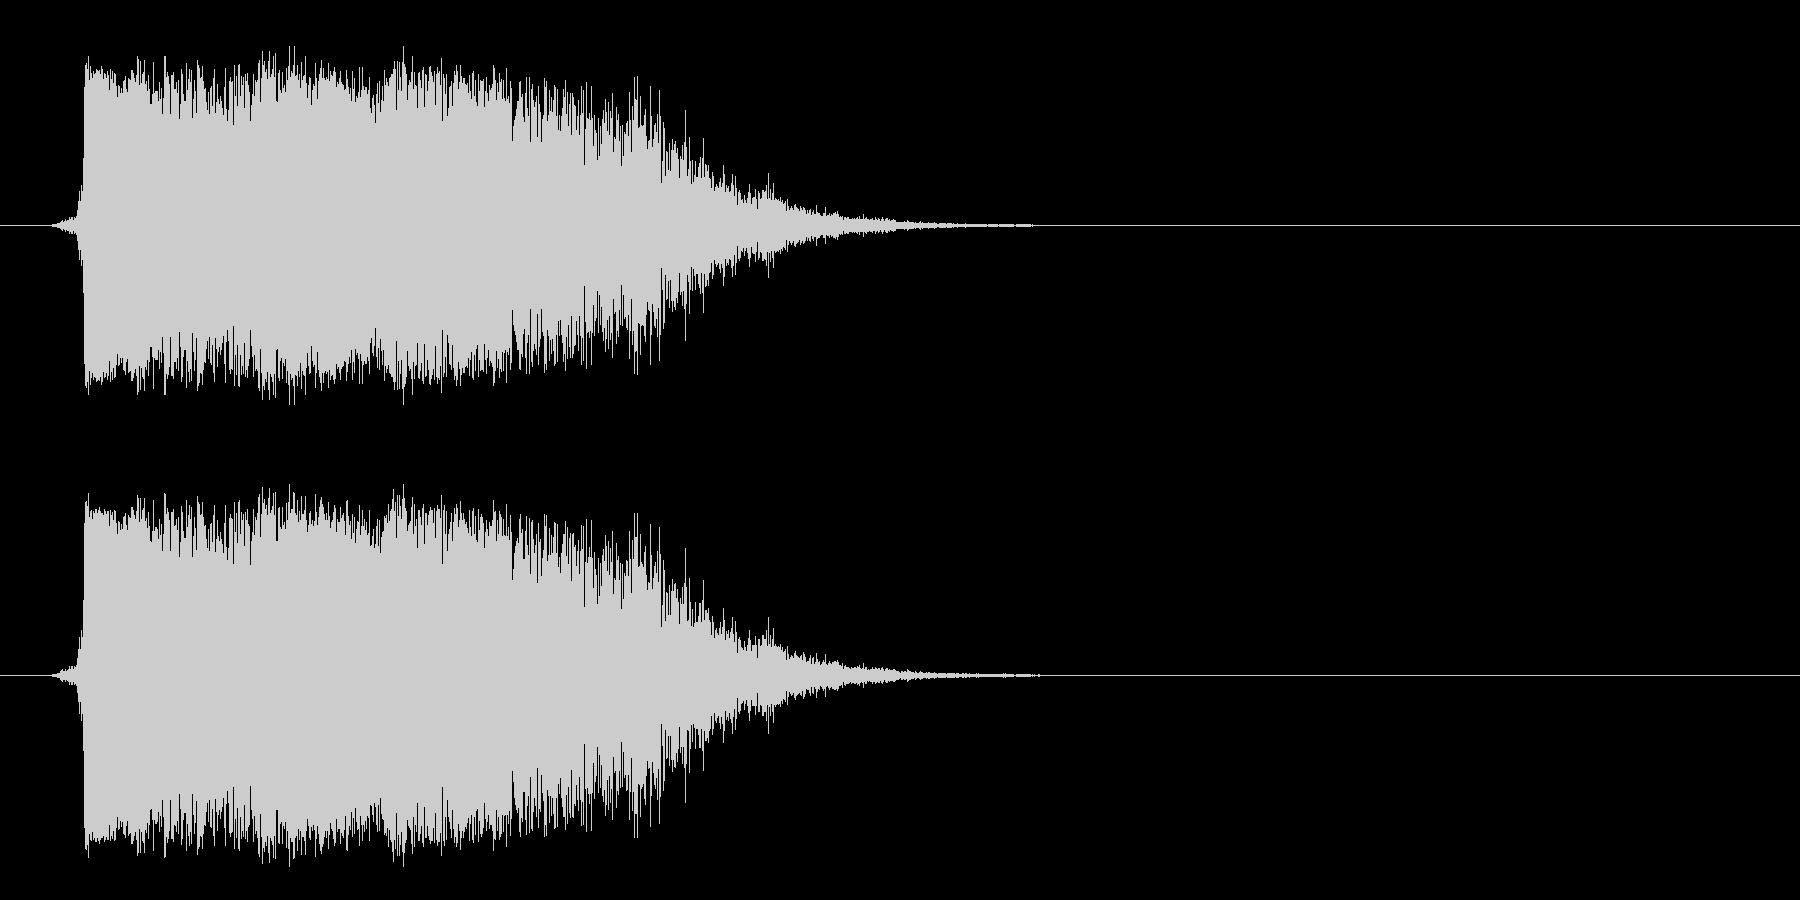 ハードメタルクラッシュメタルインパクトの未再生の波形